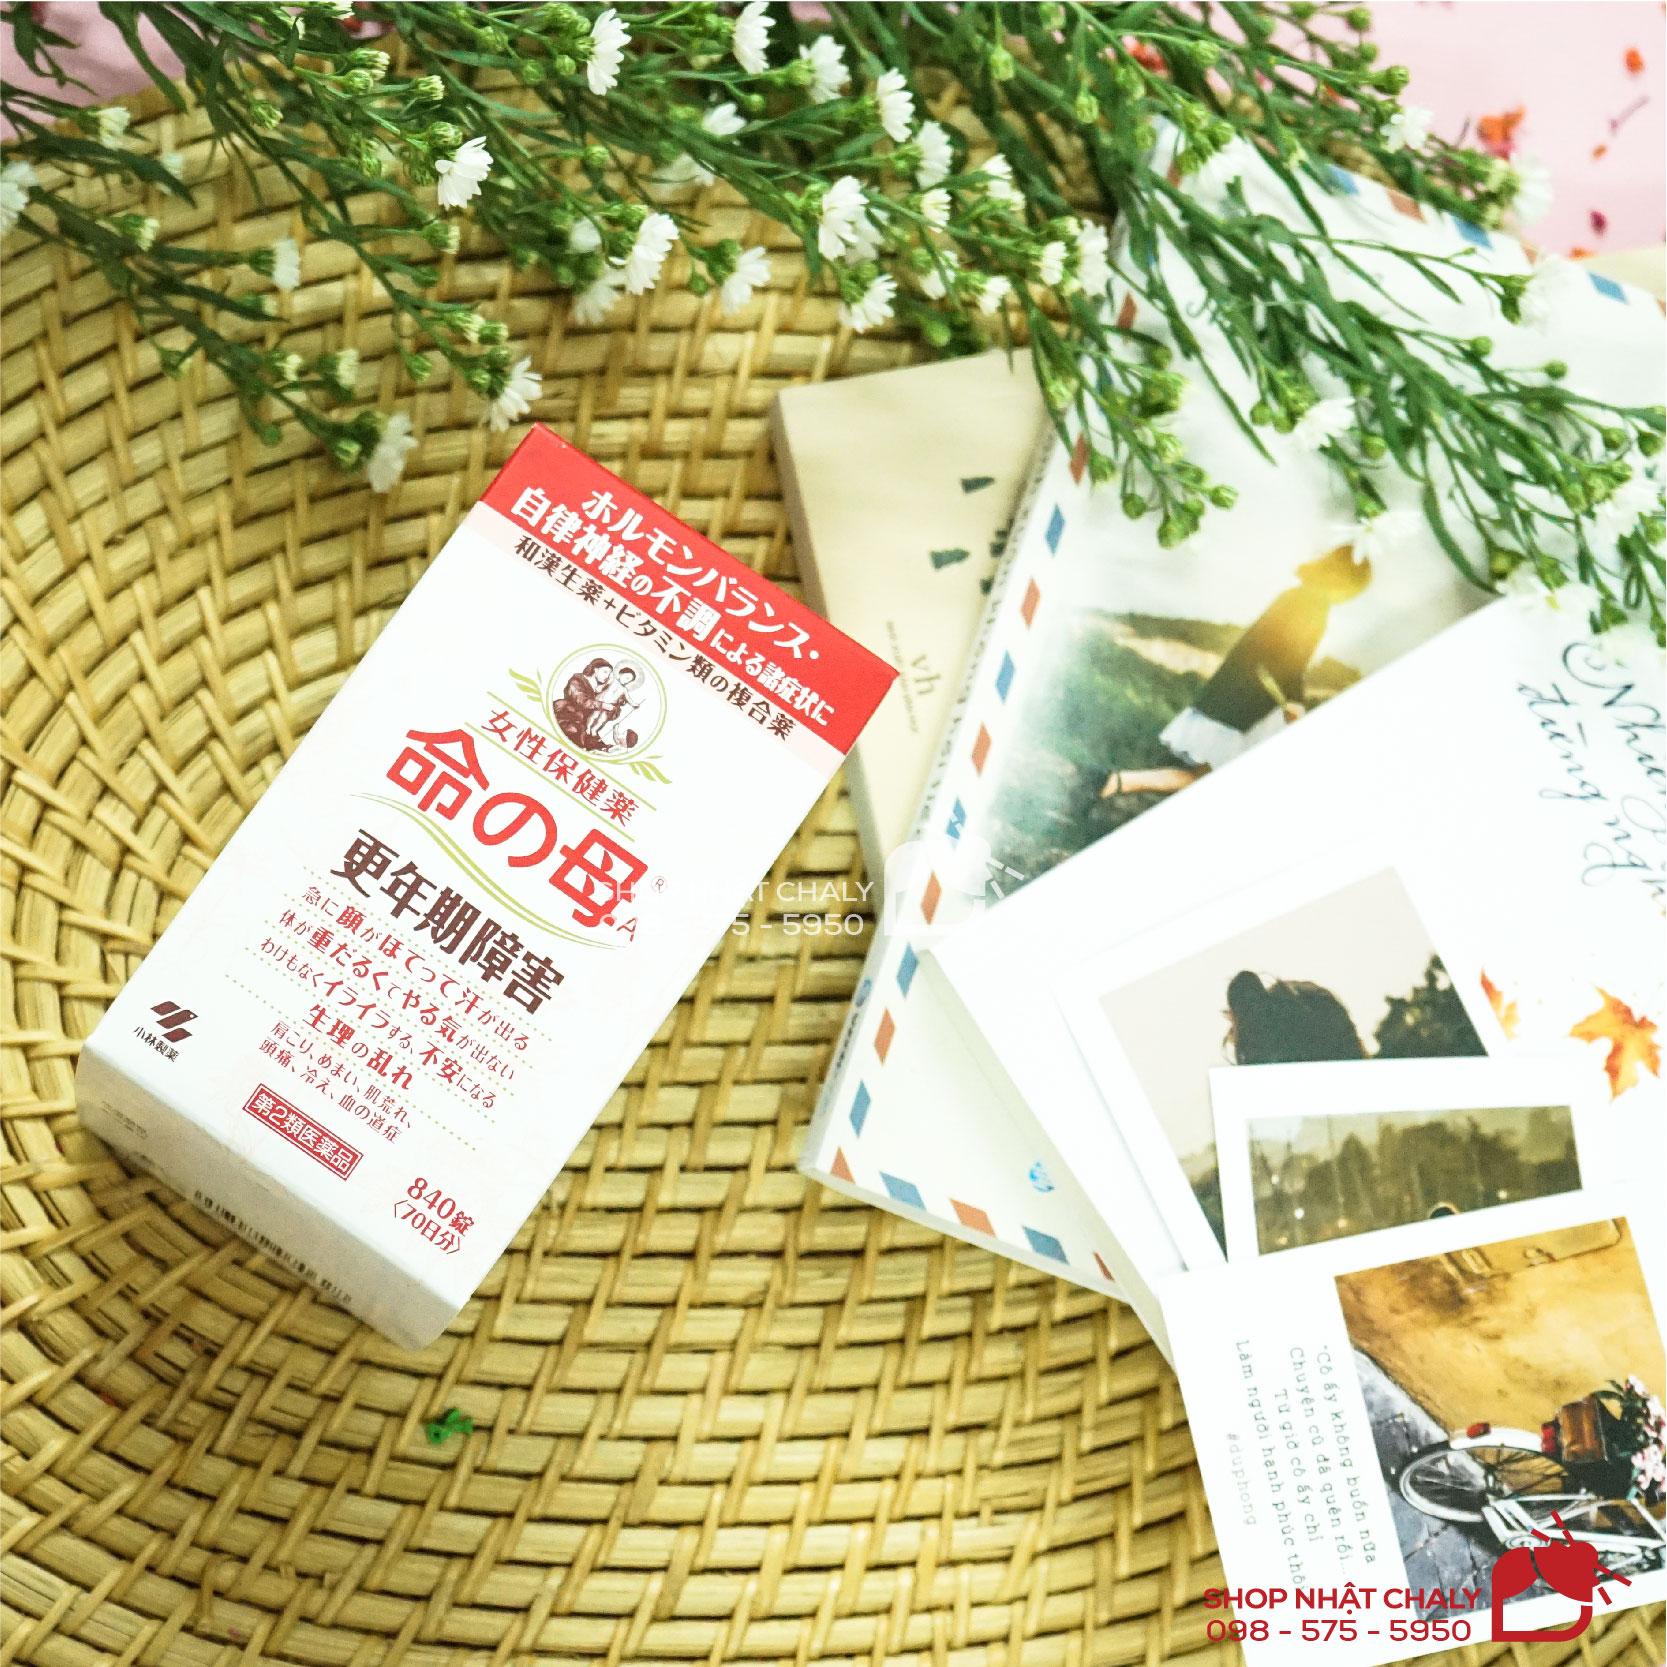 Thuốc tăng nội tiết tố nữ của Nhật sử dụng cho phụ nữ từ 18 tuổi trở lên tới tuổi tiền mãn kinh, hiệu quả cao, là thuốc kinh nguyệt của Nhật tốt nhất